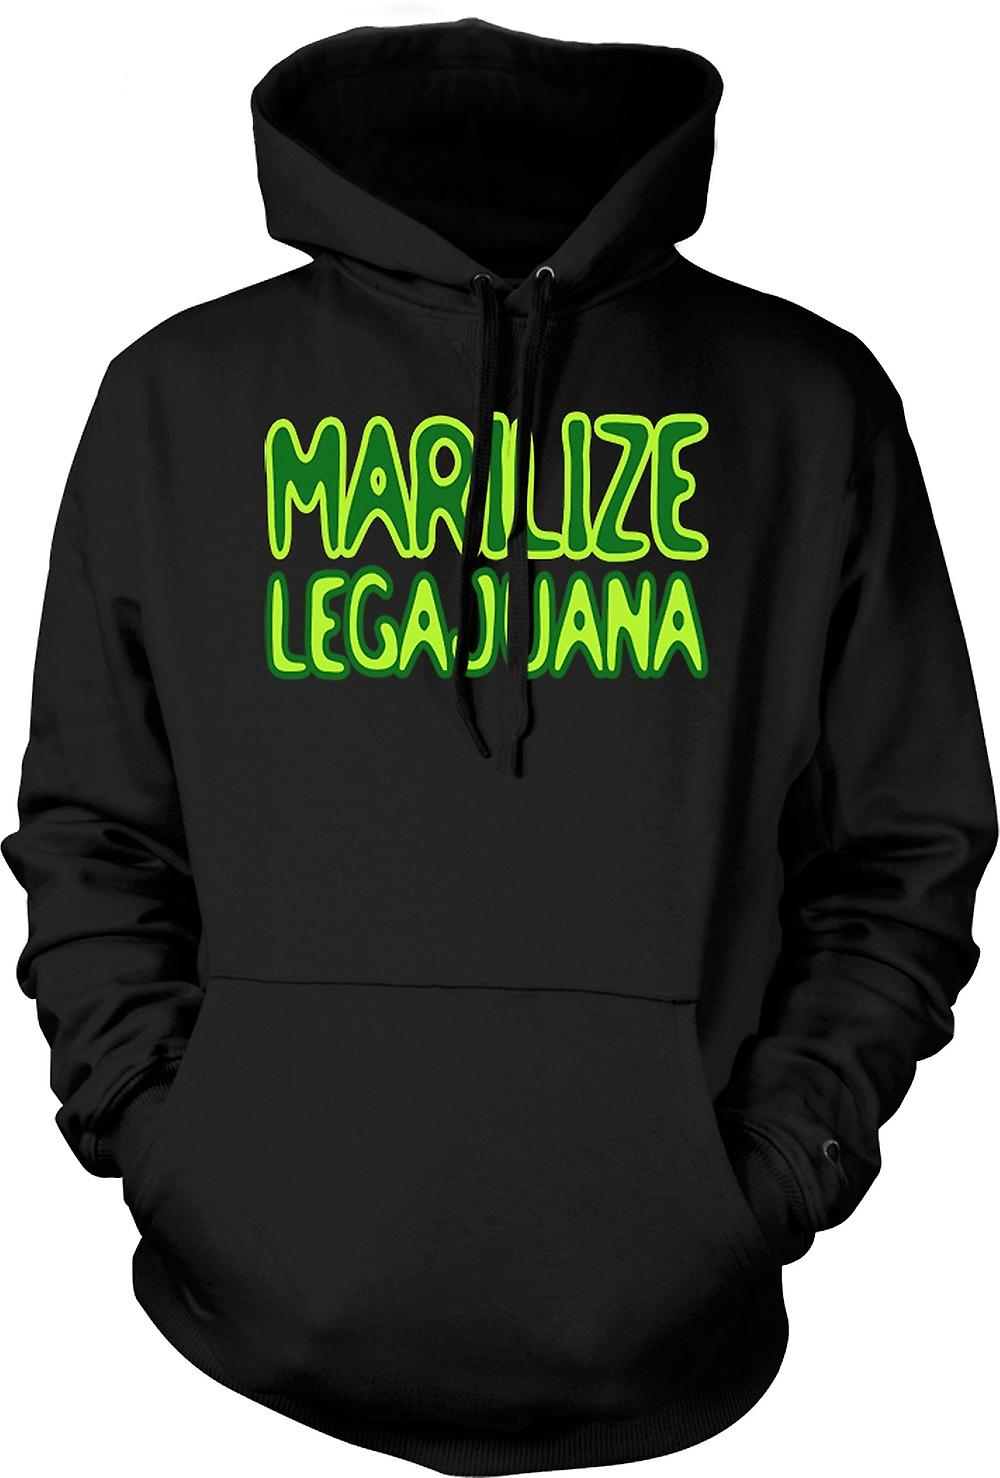 Mens Hoodie - Marilize Legajuana onkruid